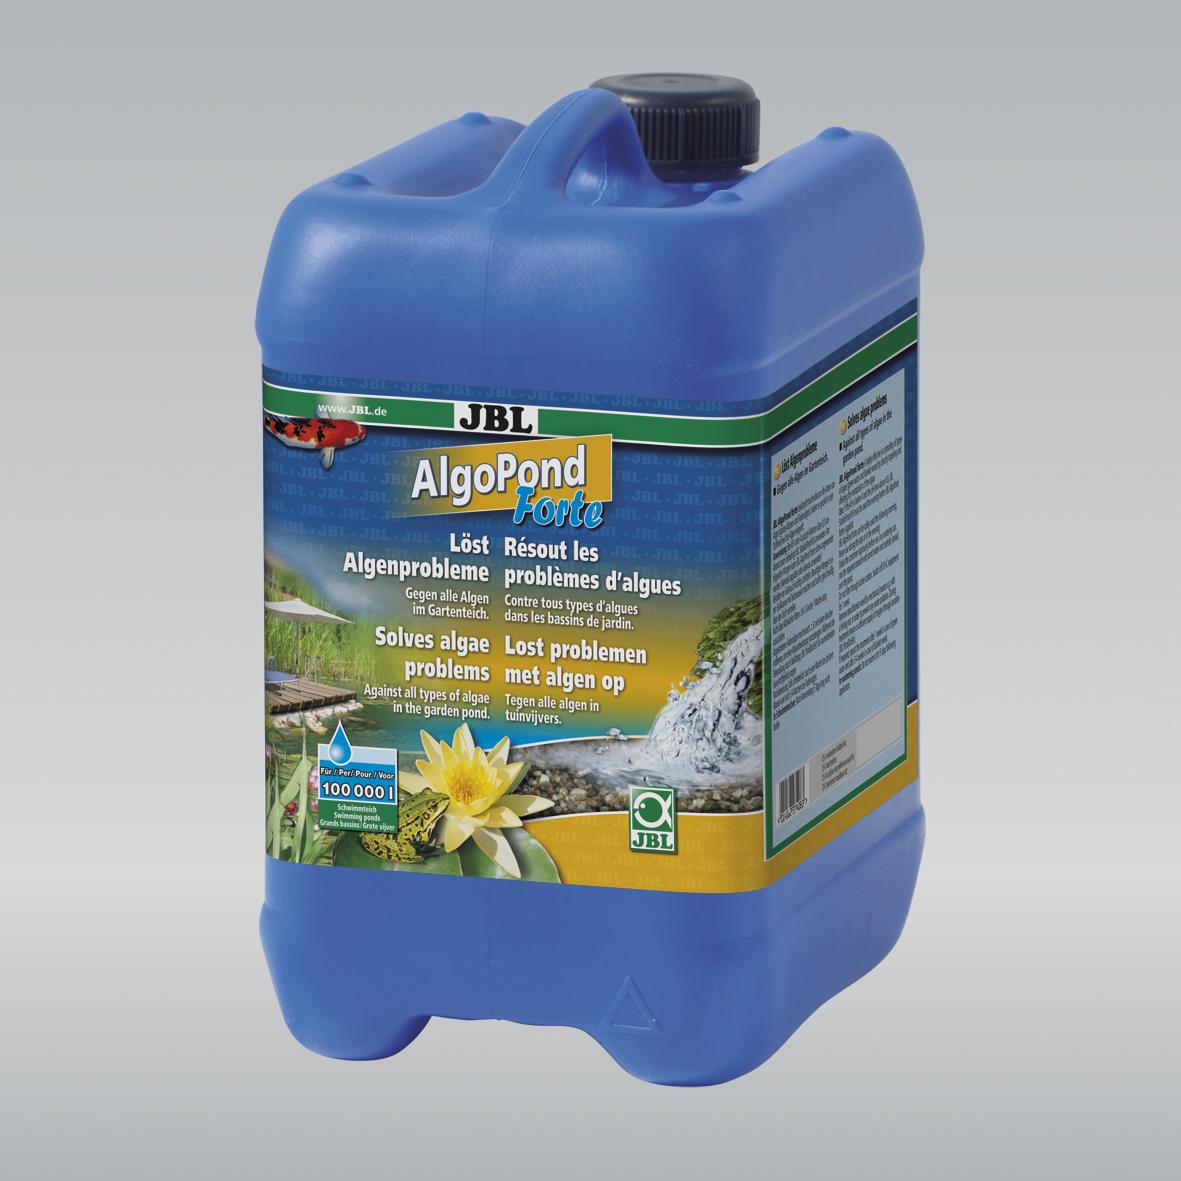 JBL AlgoPond Forte Wasseraufbereiter löst Algenprobleme für Gartenteiche 5 l